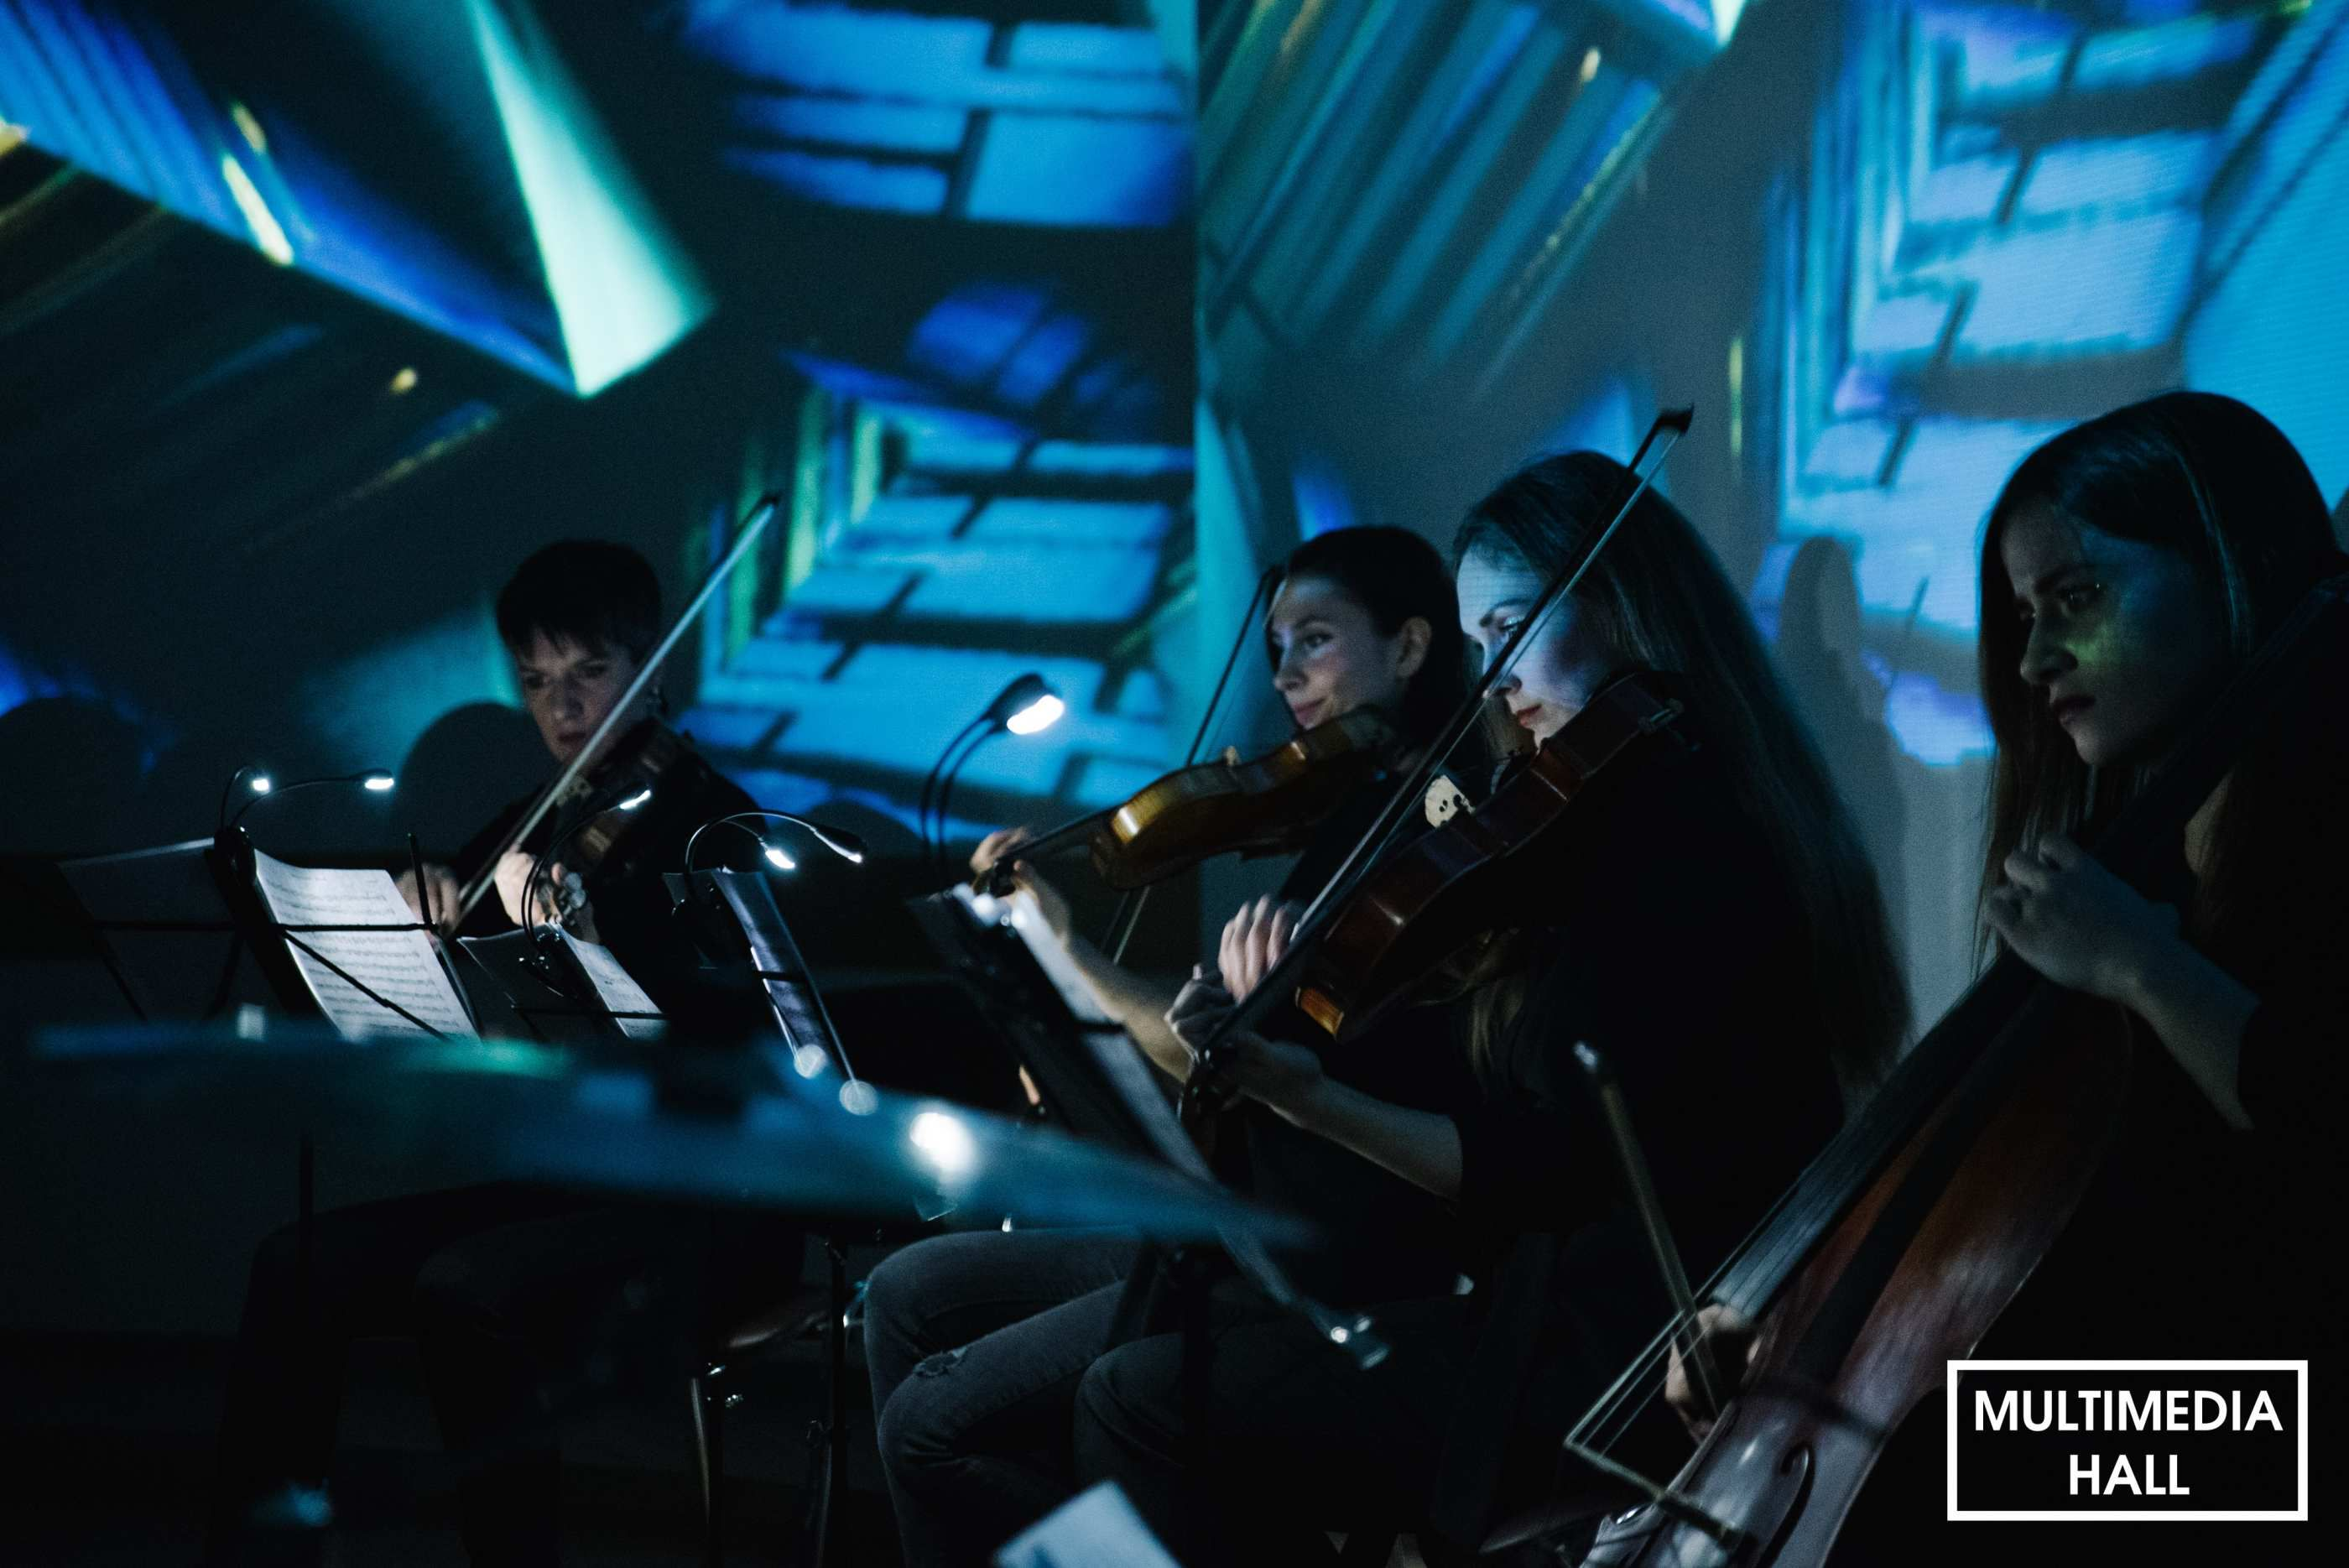 Симфонический киноконцерт «Подводный мир» под рок-хиты в Multimedia Hall фото 1